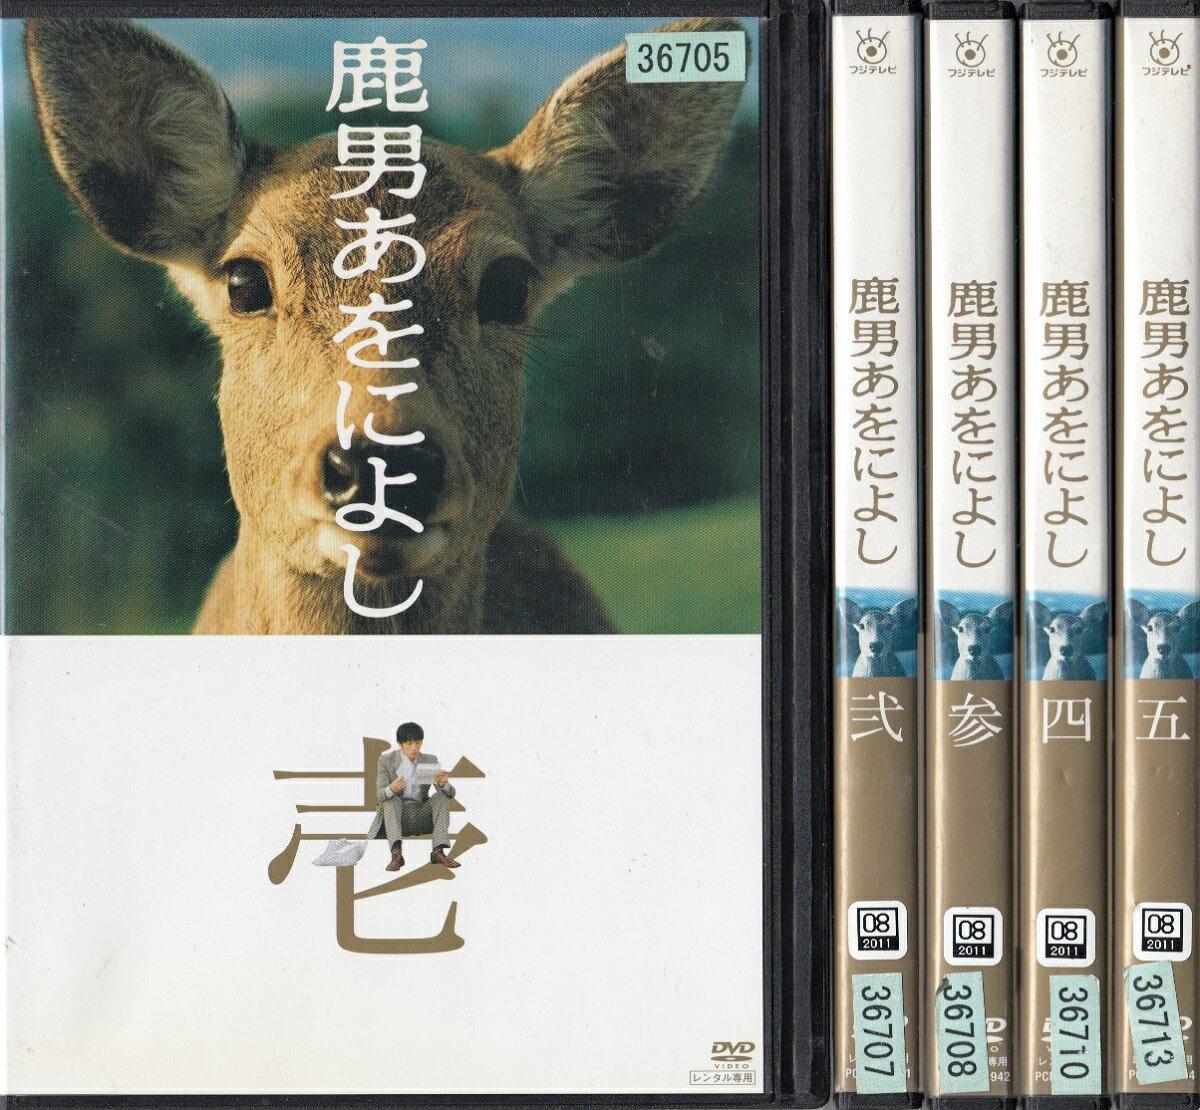 【送料無料】rw3415中古DVD レンタルアップ鹿男あをによし 全5巻セット玉木宏/綾瀬はるか